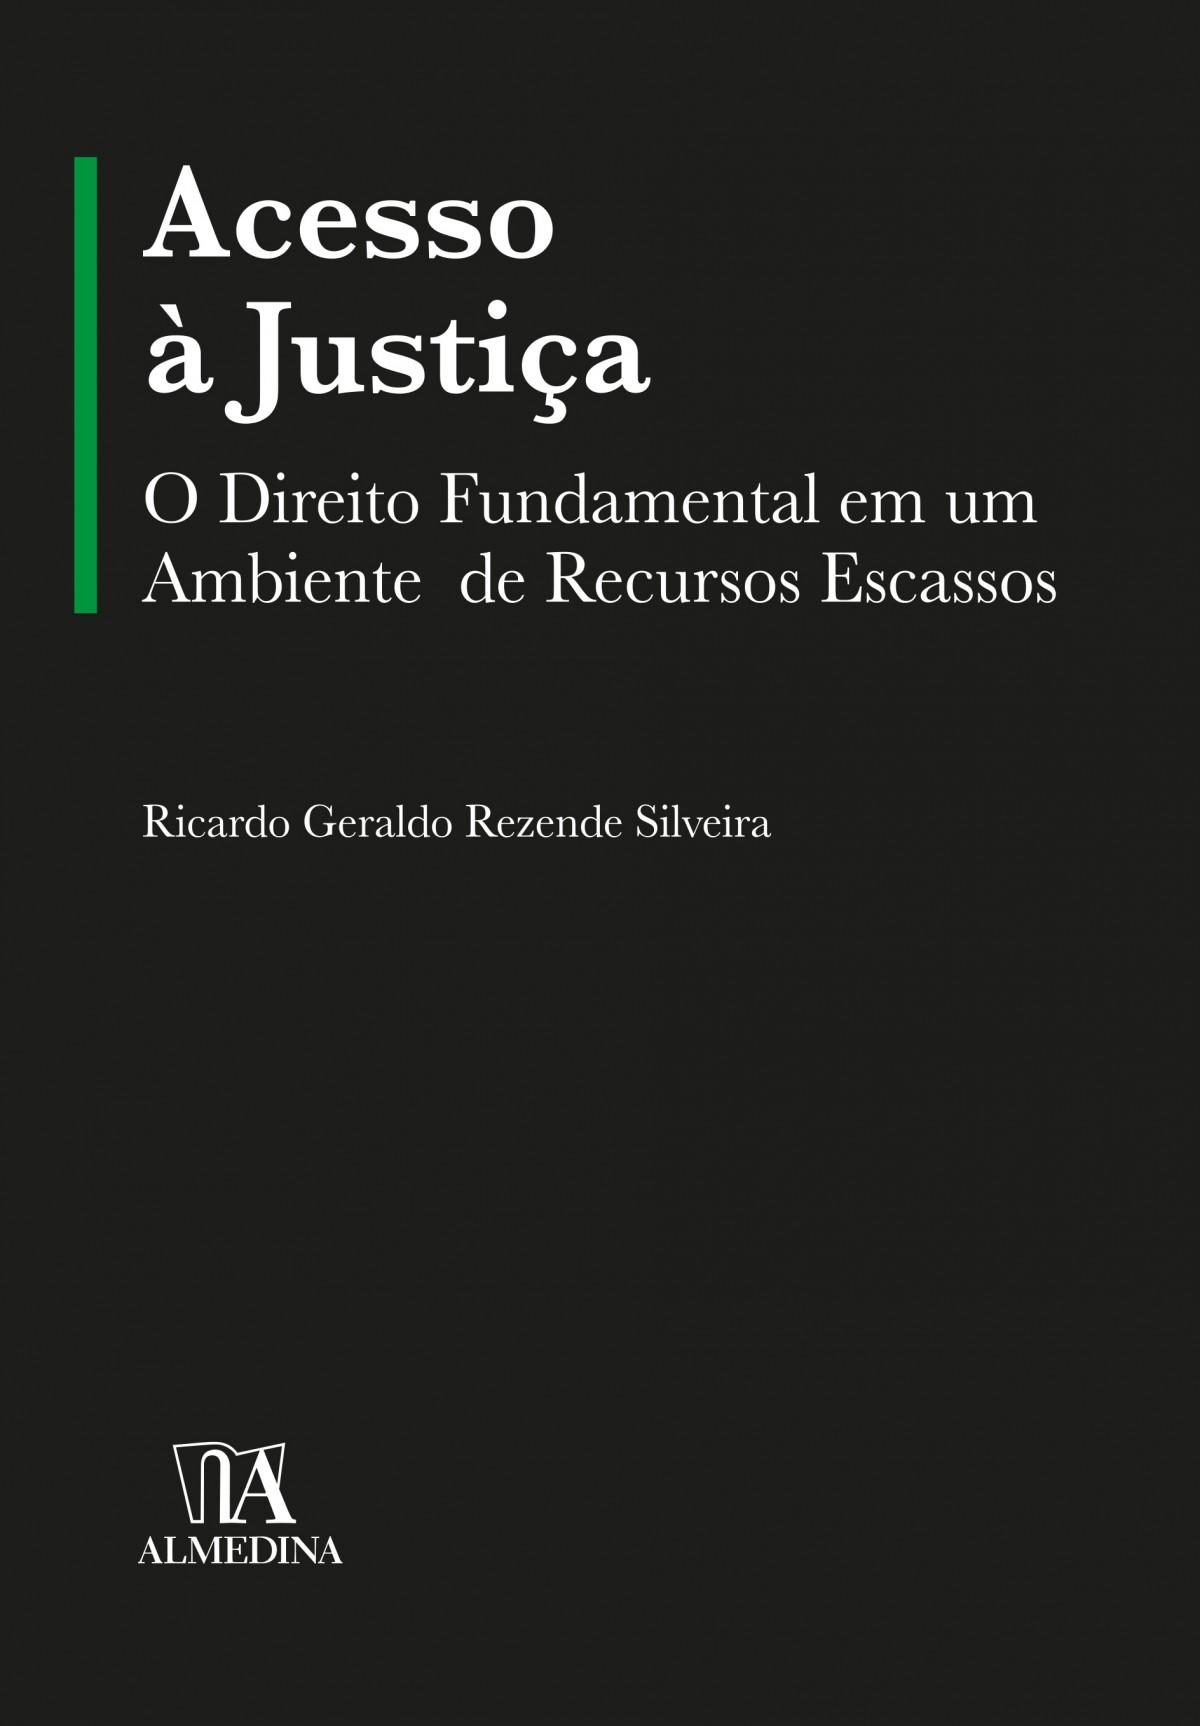 Foto 1 - Acesso à Justiça - O Direito Fundamental em um Ambiente de Recursos Escassos